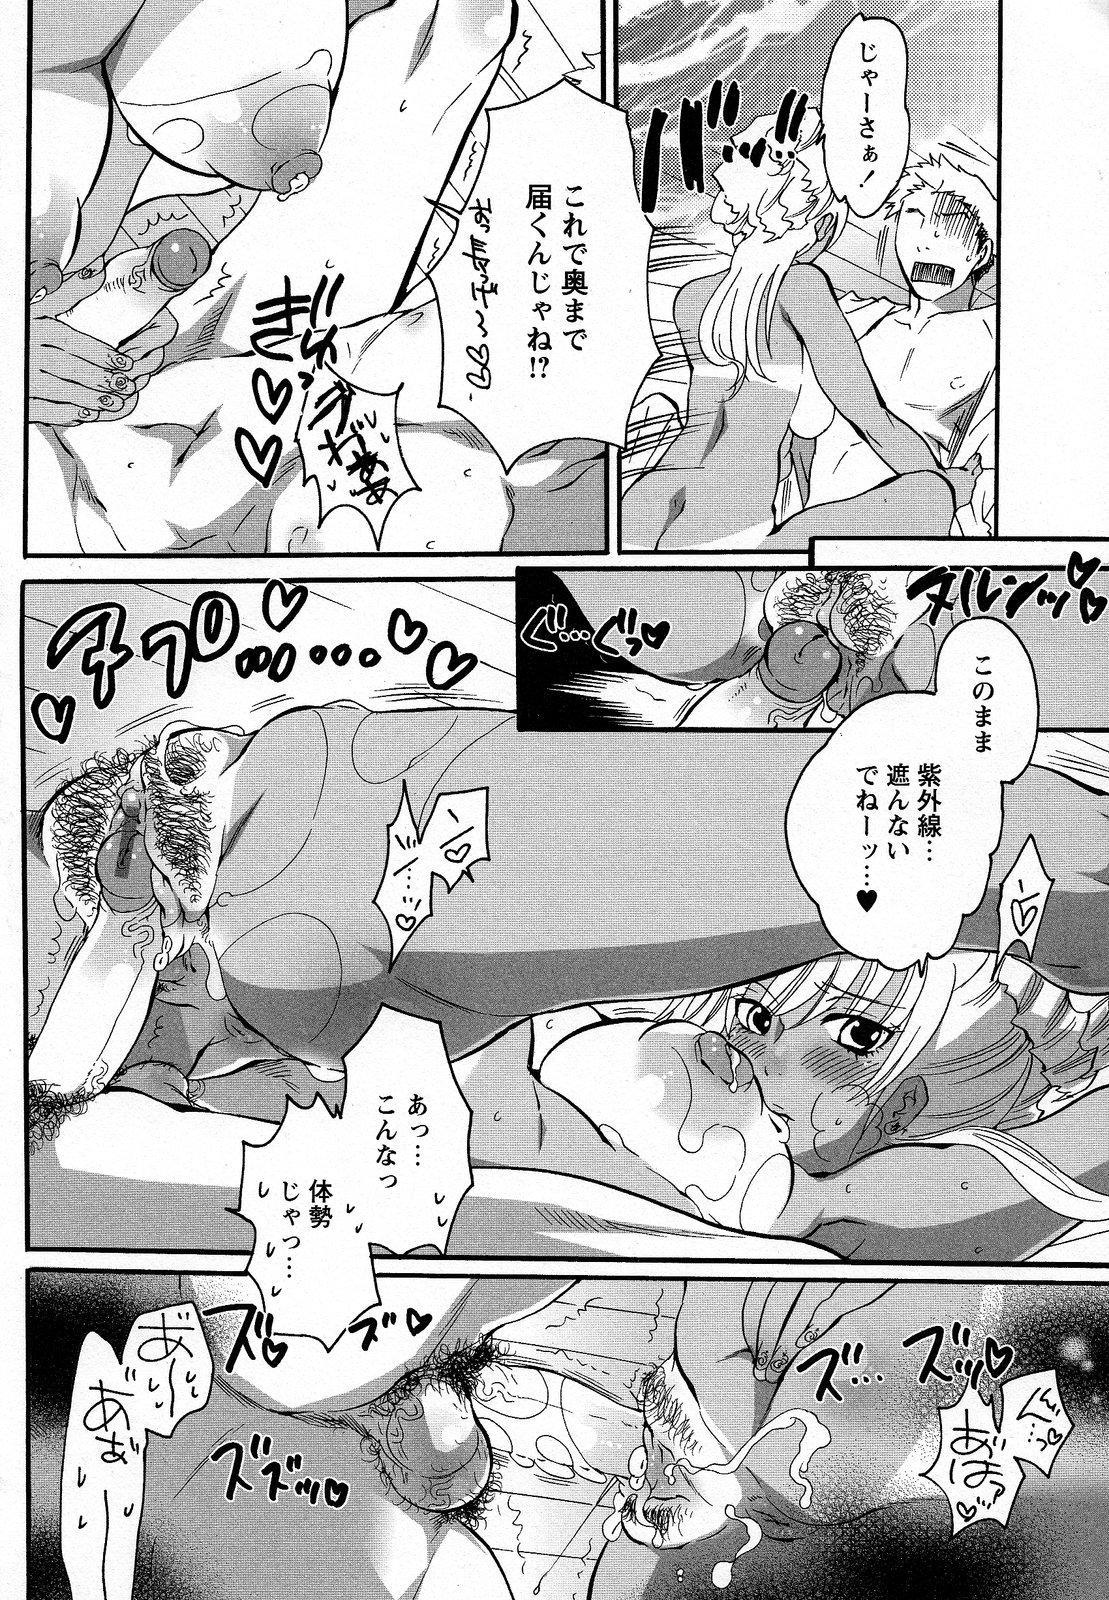 Boku ga Onee-sama no Mesu Dorei ni Narutoki 121